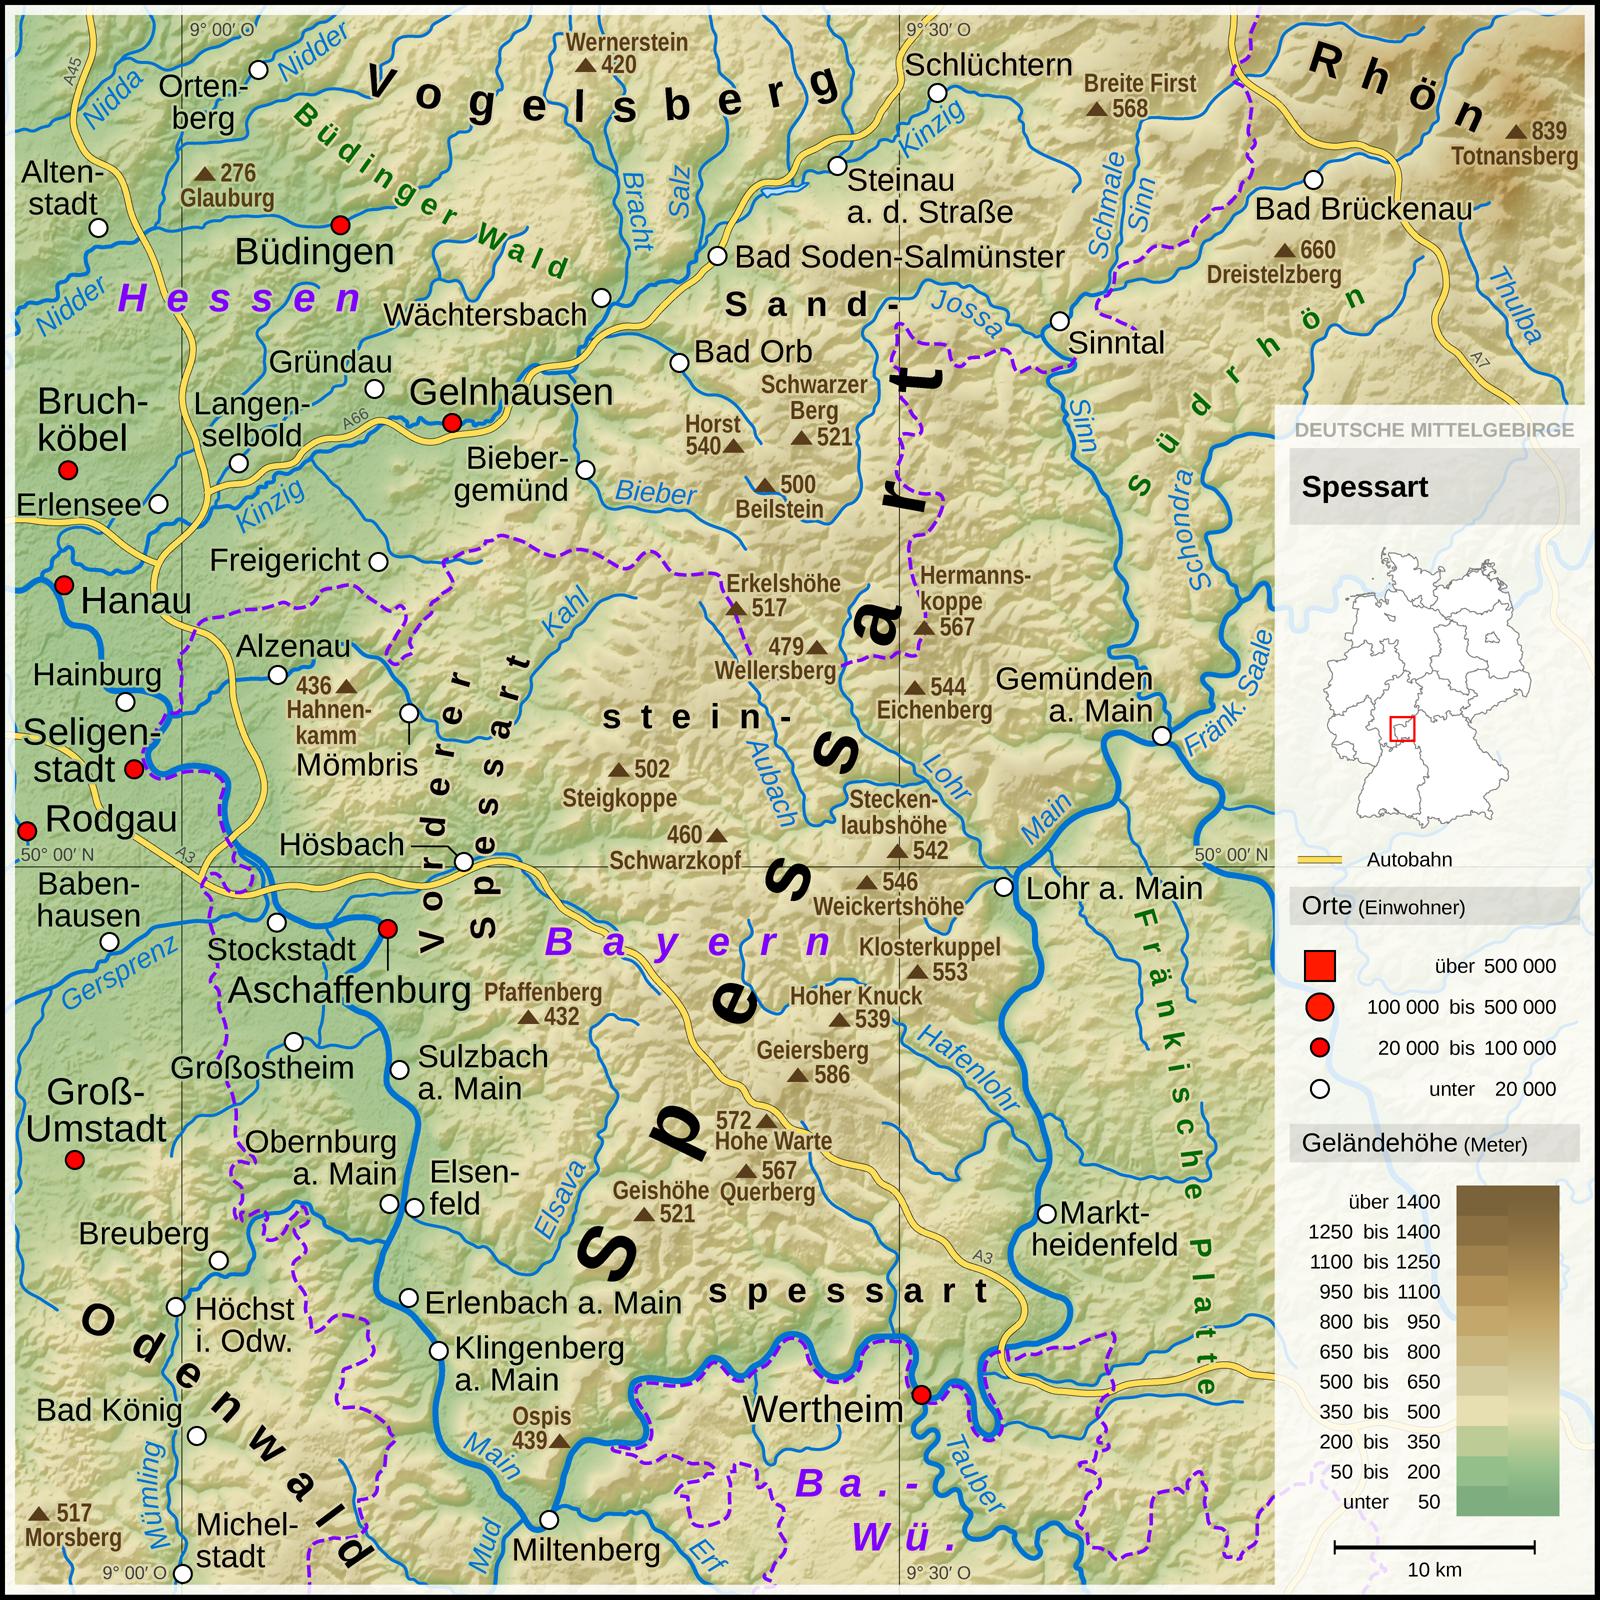 Mittelgebirge Deutschland Karte.Datei Spessart Deutsche Mittelgebirge Serie A De Png Wikipedia